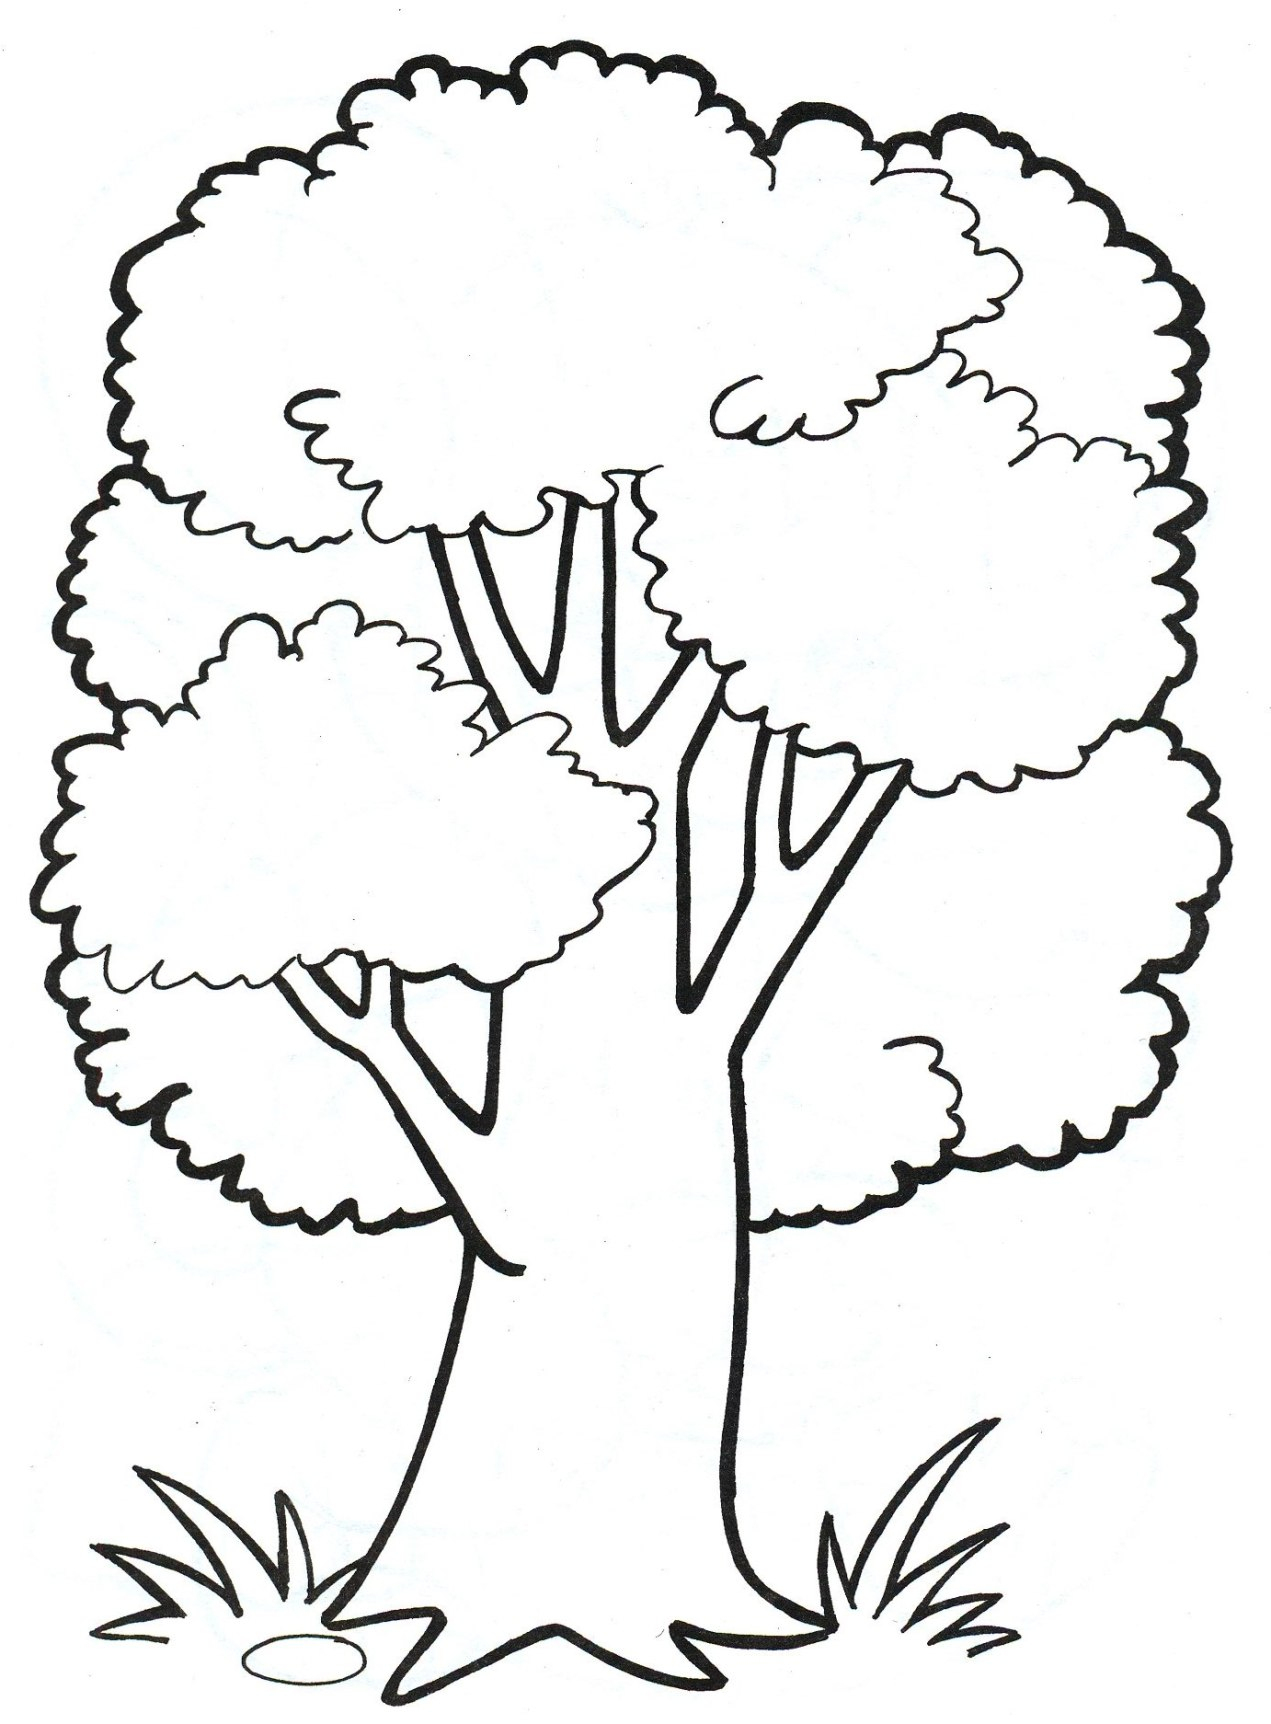 Malvorlage Baum Des Lebens - 1Ausmalbilder innen Malvorlagen Baum